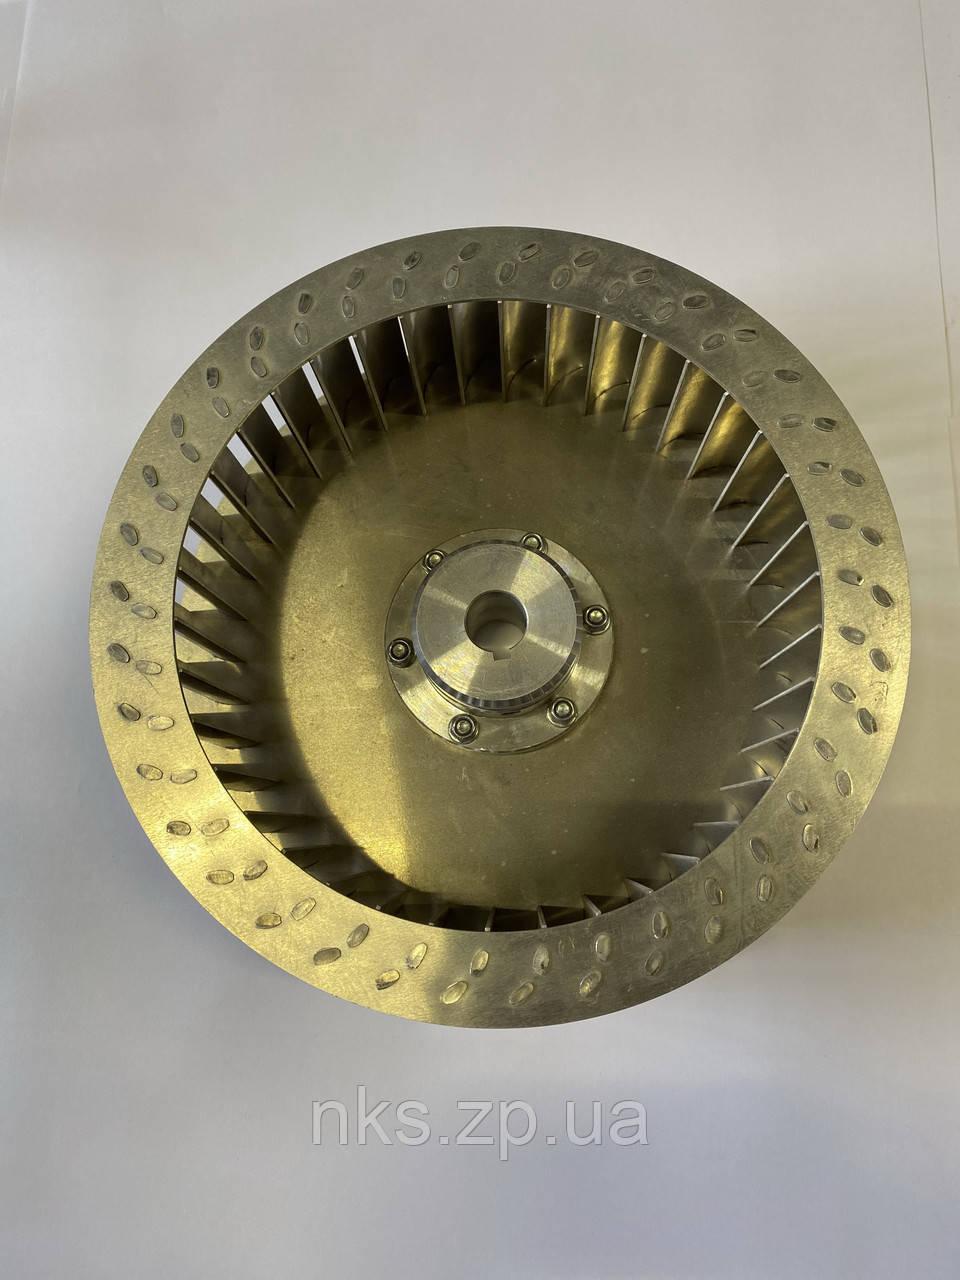 Крыльчатка вентилятора Kverneland